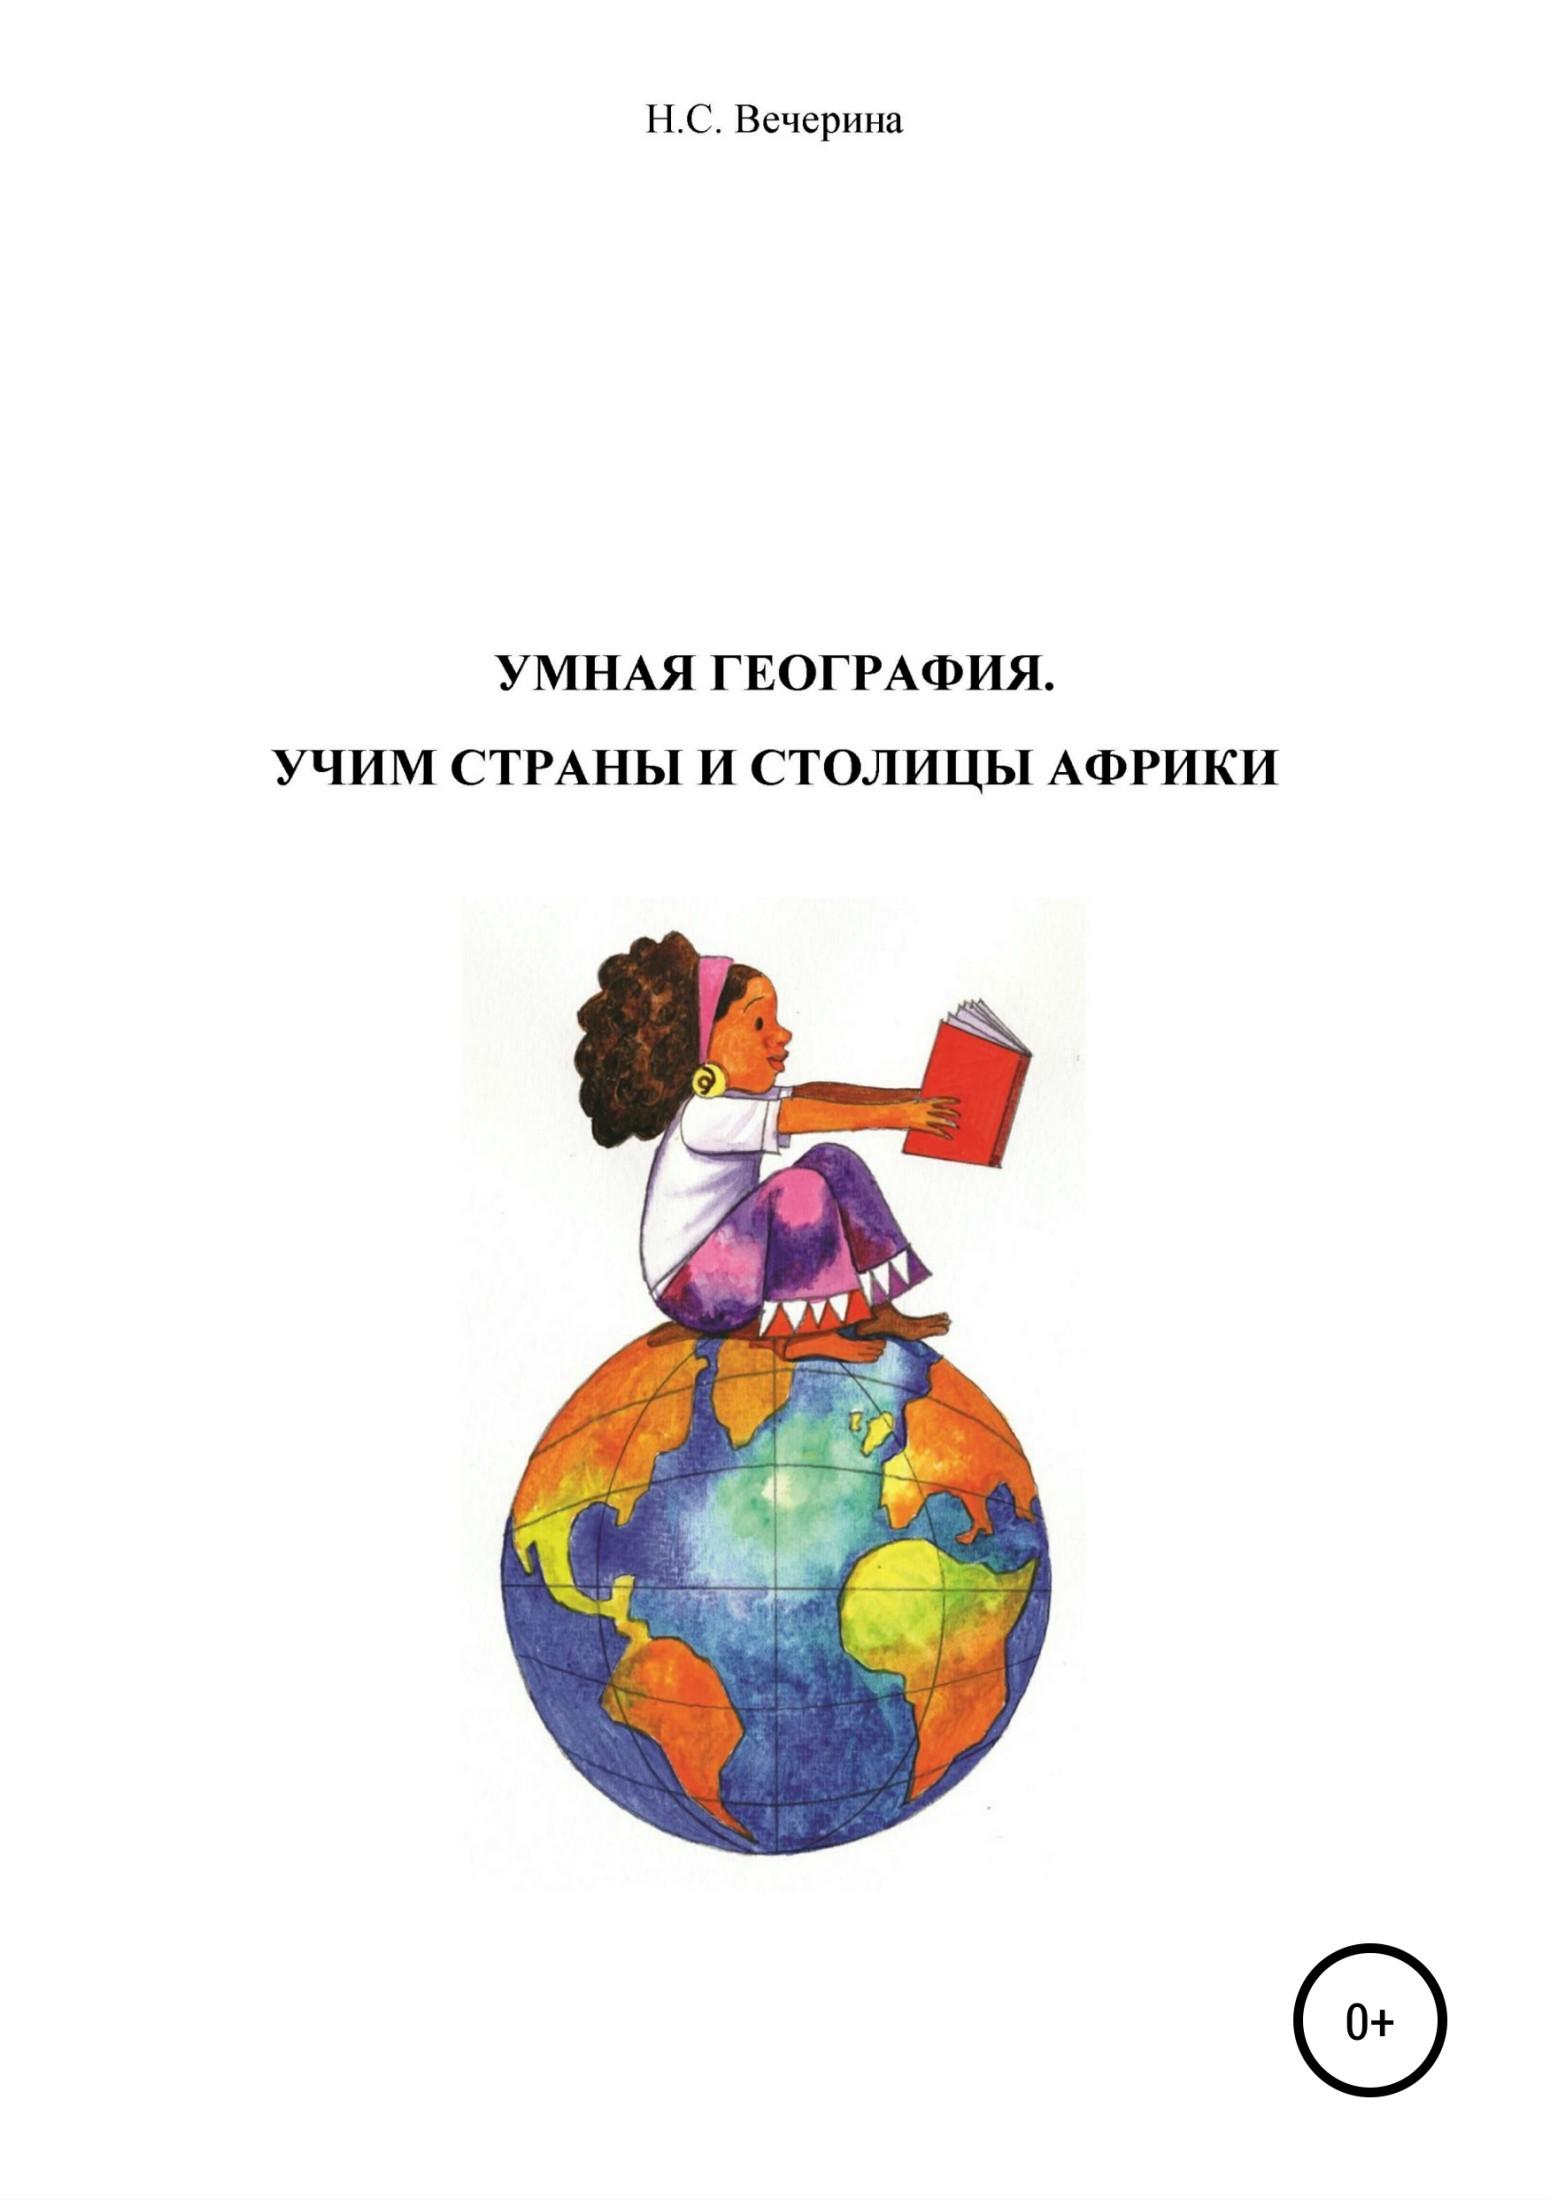 Наталья Сергеевна Вечерина Мнемотехника для школьников. Учим столицы стран Африки